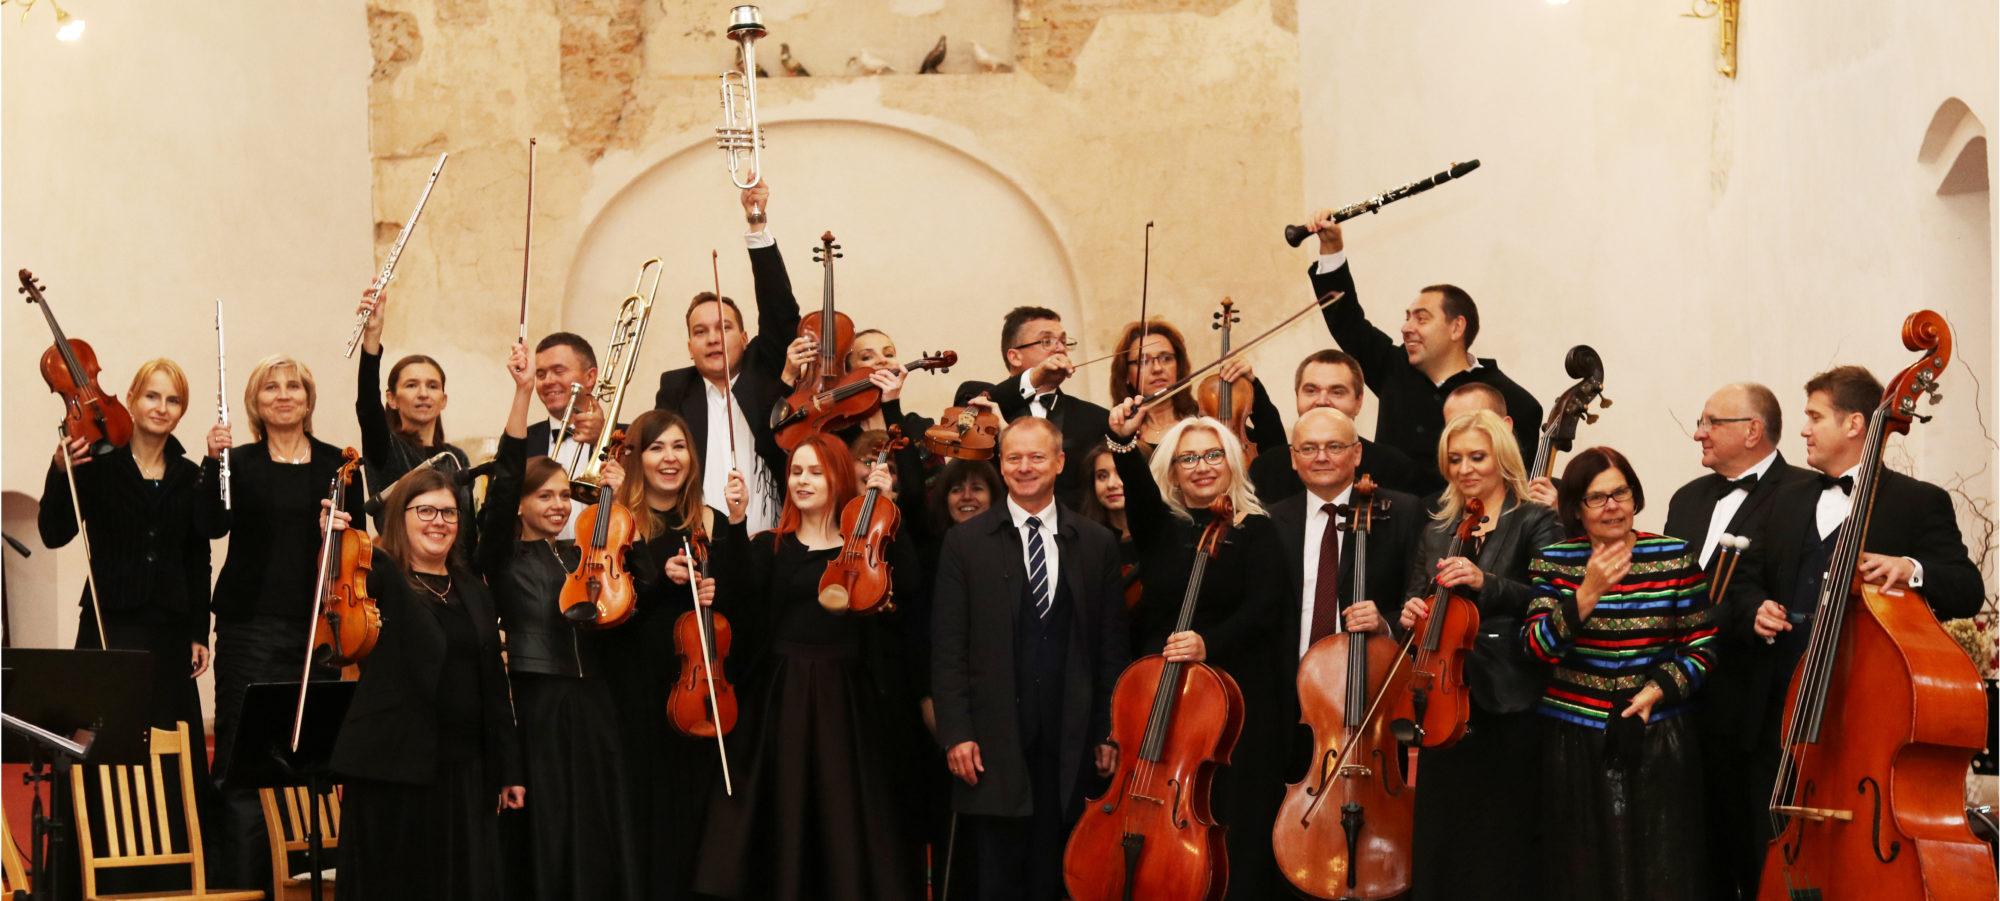 Orkiestra Kameralna Camerata Mazovia